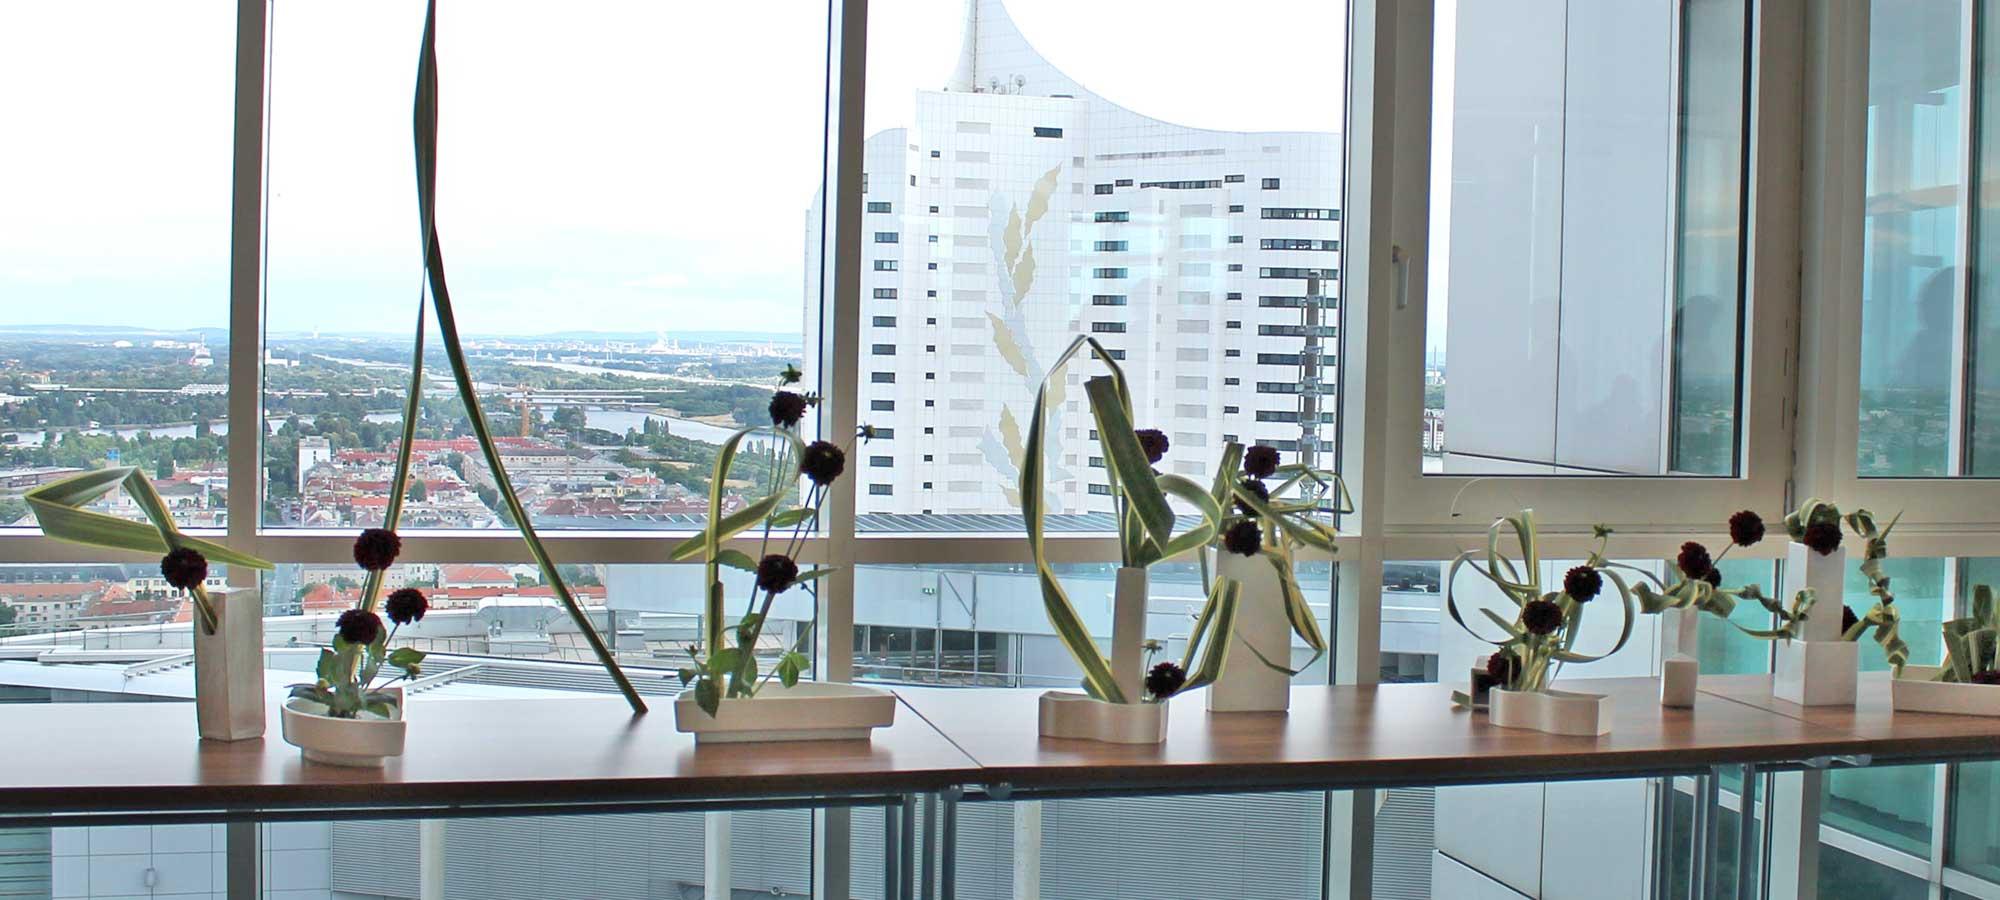 Ikebana-International Vienna im Andromeda-Tower